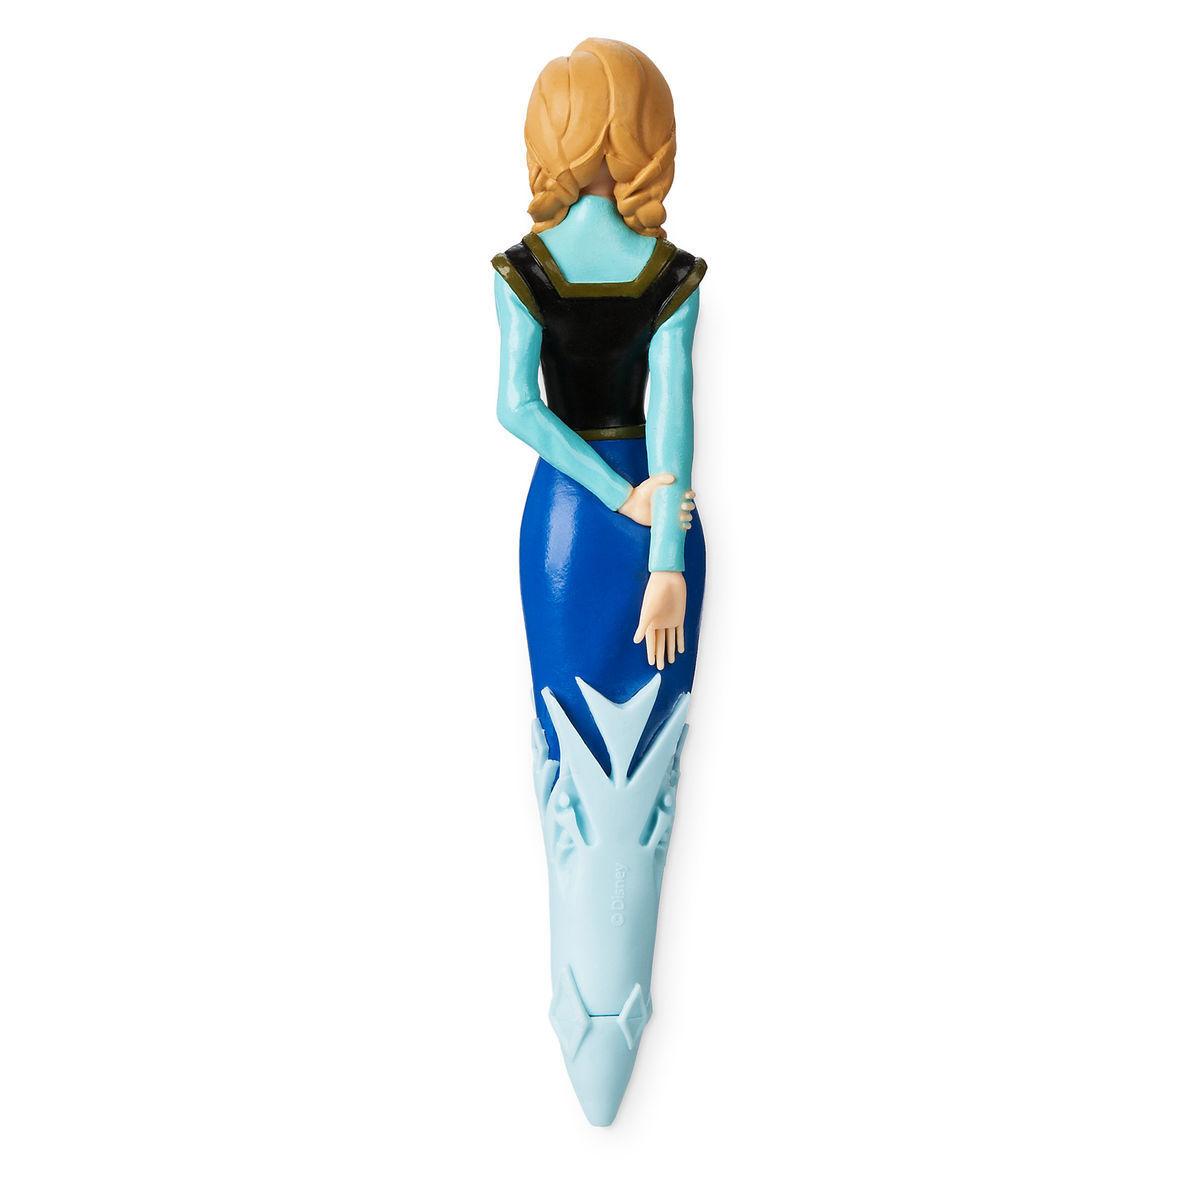 Ручка фигурная Анна